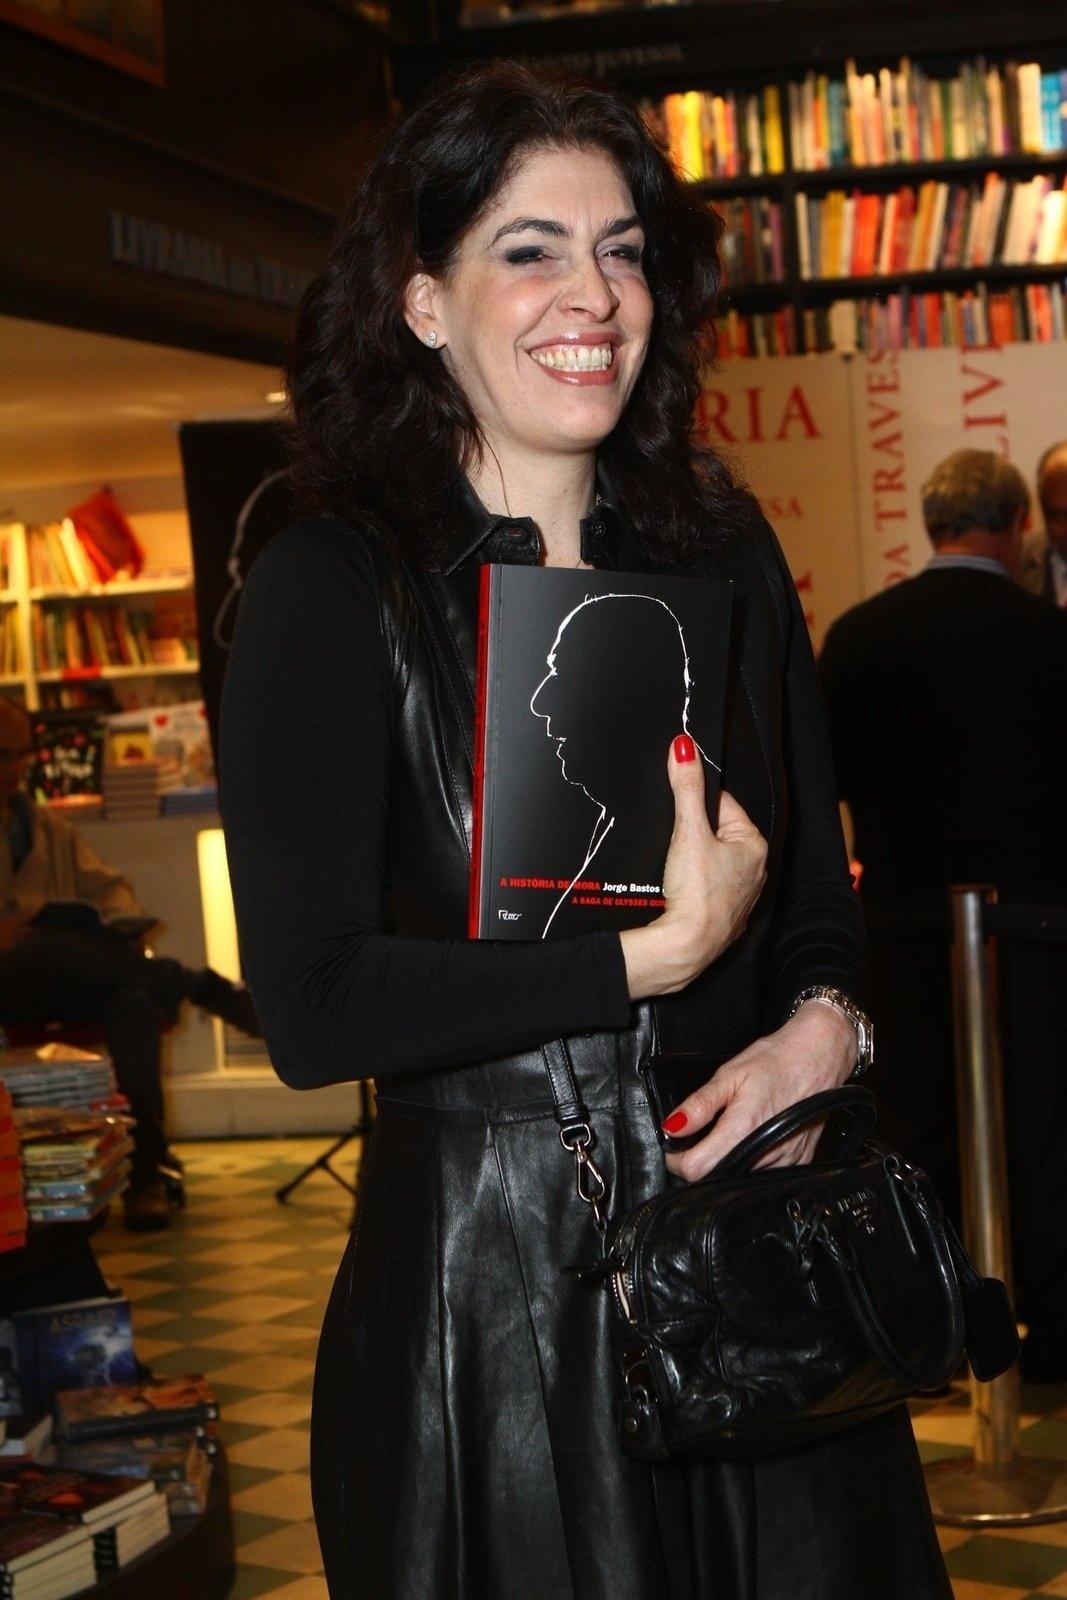 5.ago.2013 - A empresária Paula Lavigne prestigia o jornalista Jorge Bastos Moreno na sessão de autógrafos do livro